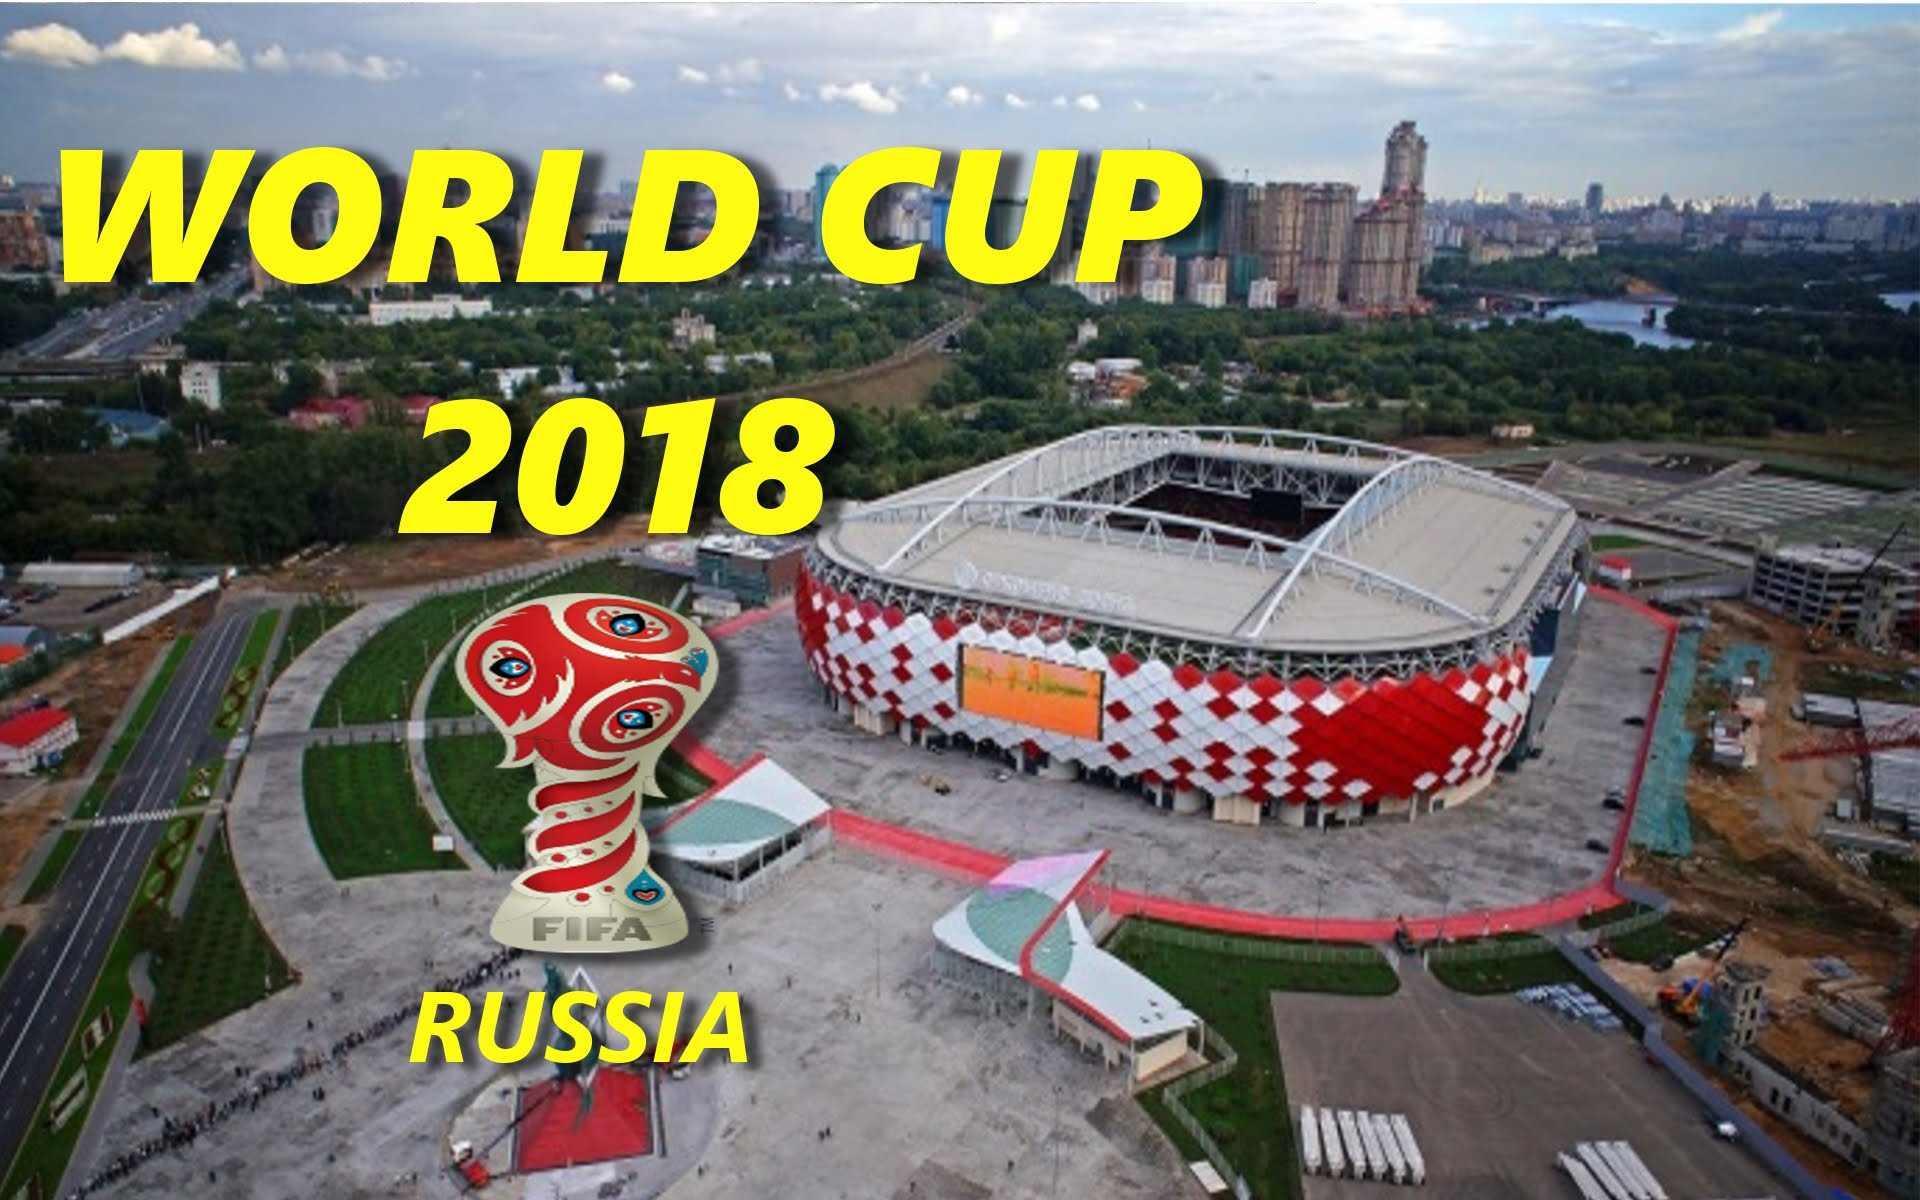 足球王国巴西电网准备就绪迎接2018世界杯